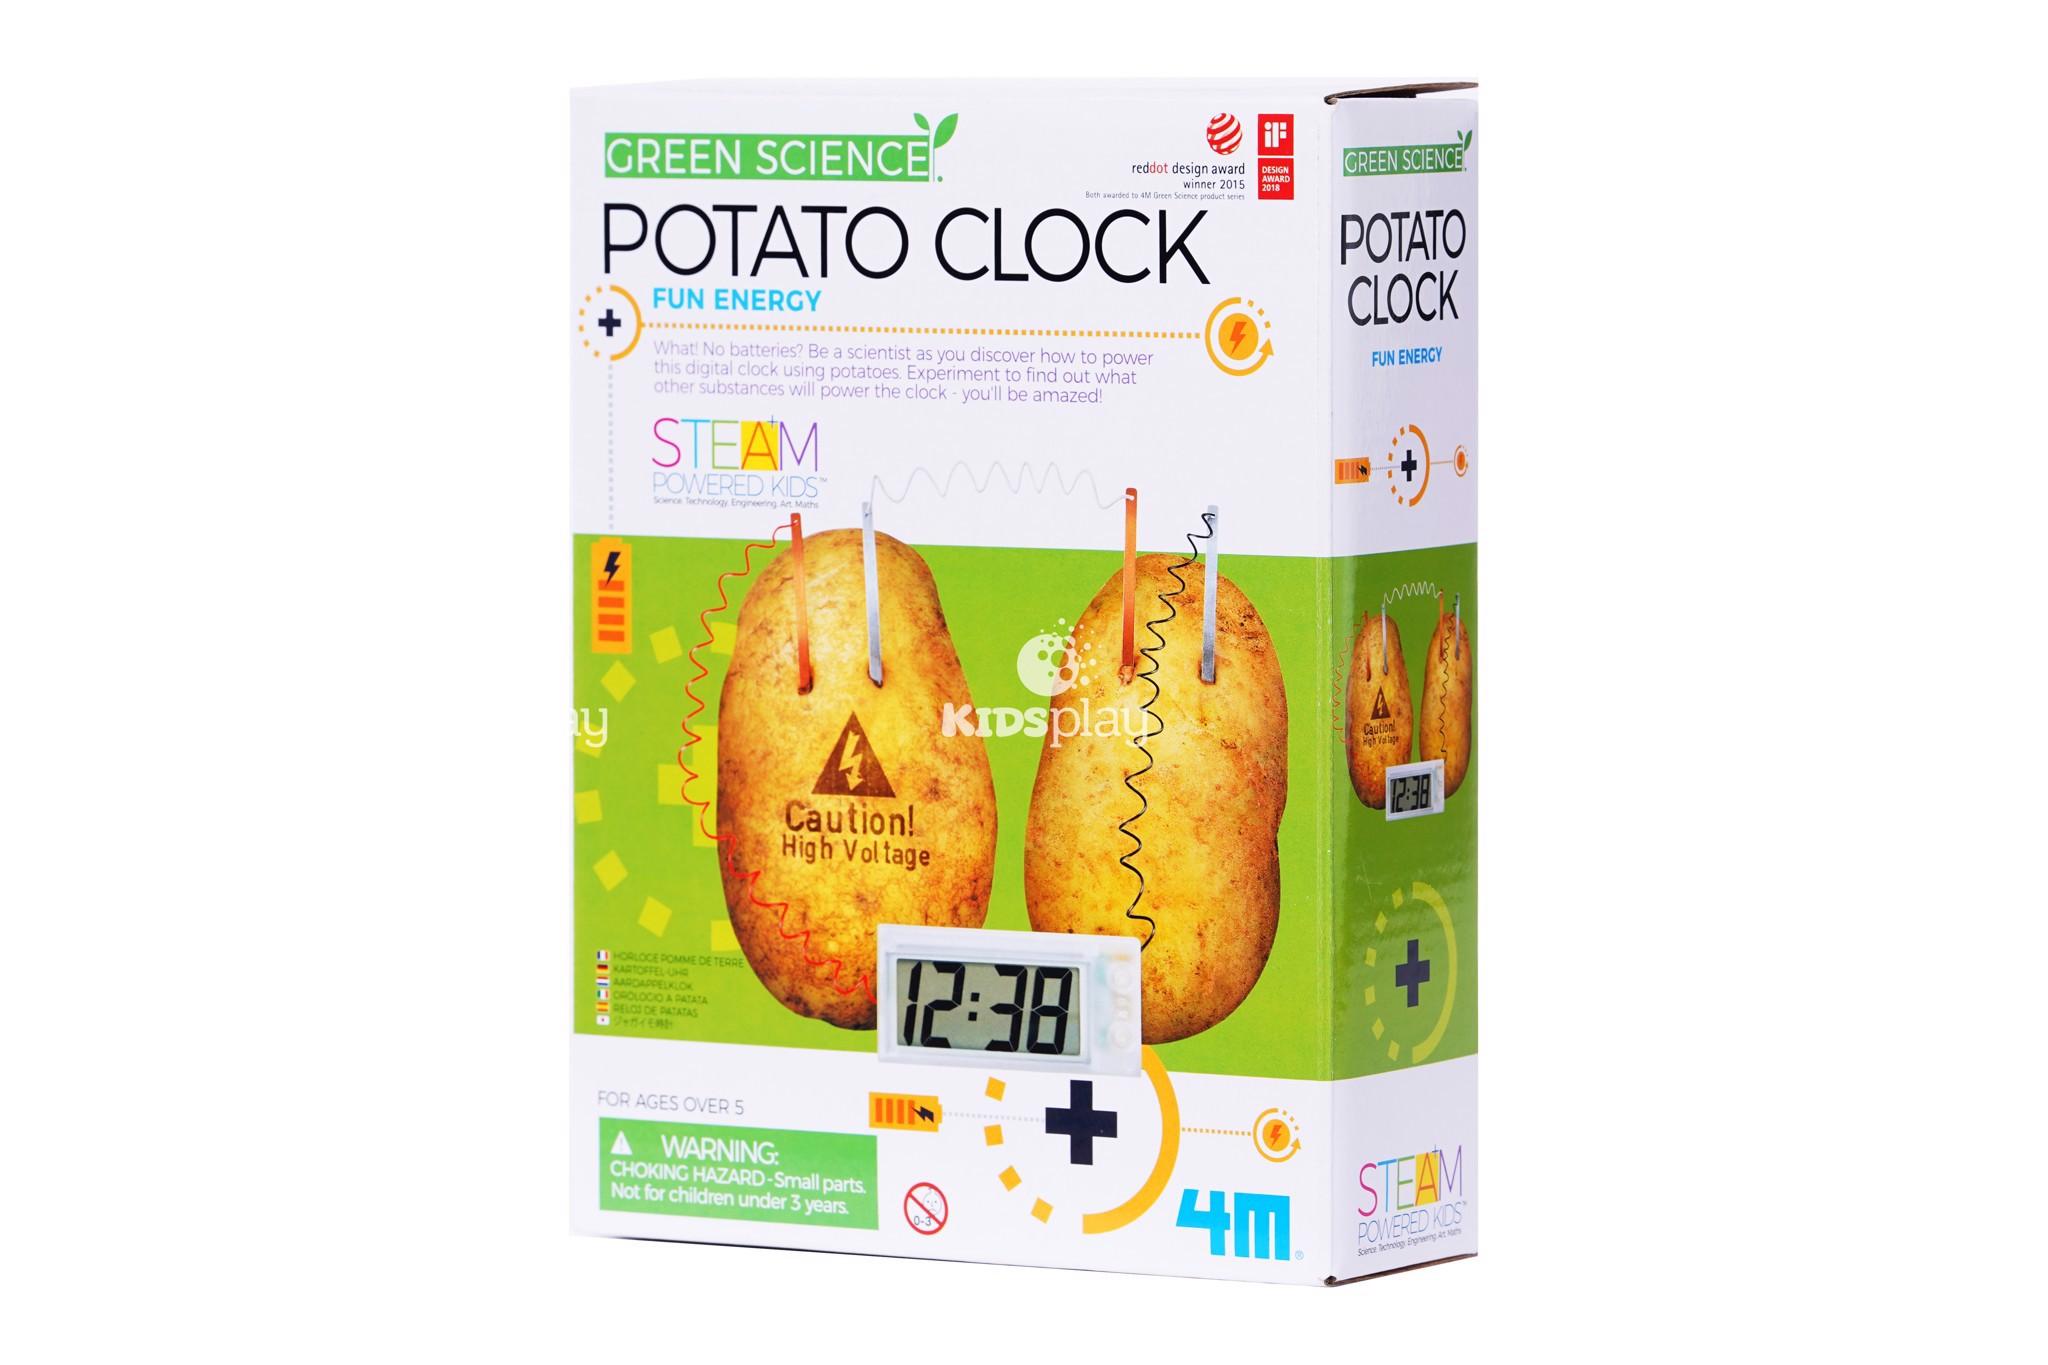 Đồng hồ khoai tây - Potato clock - Đồ chơi thông minh khoa học